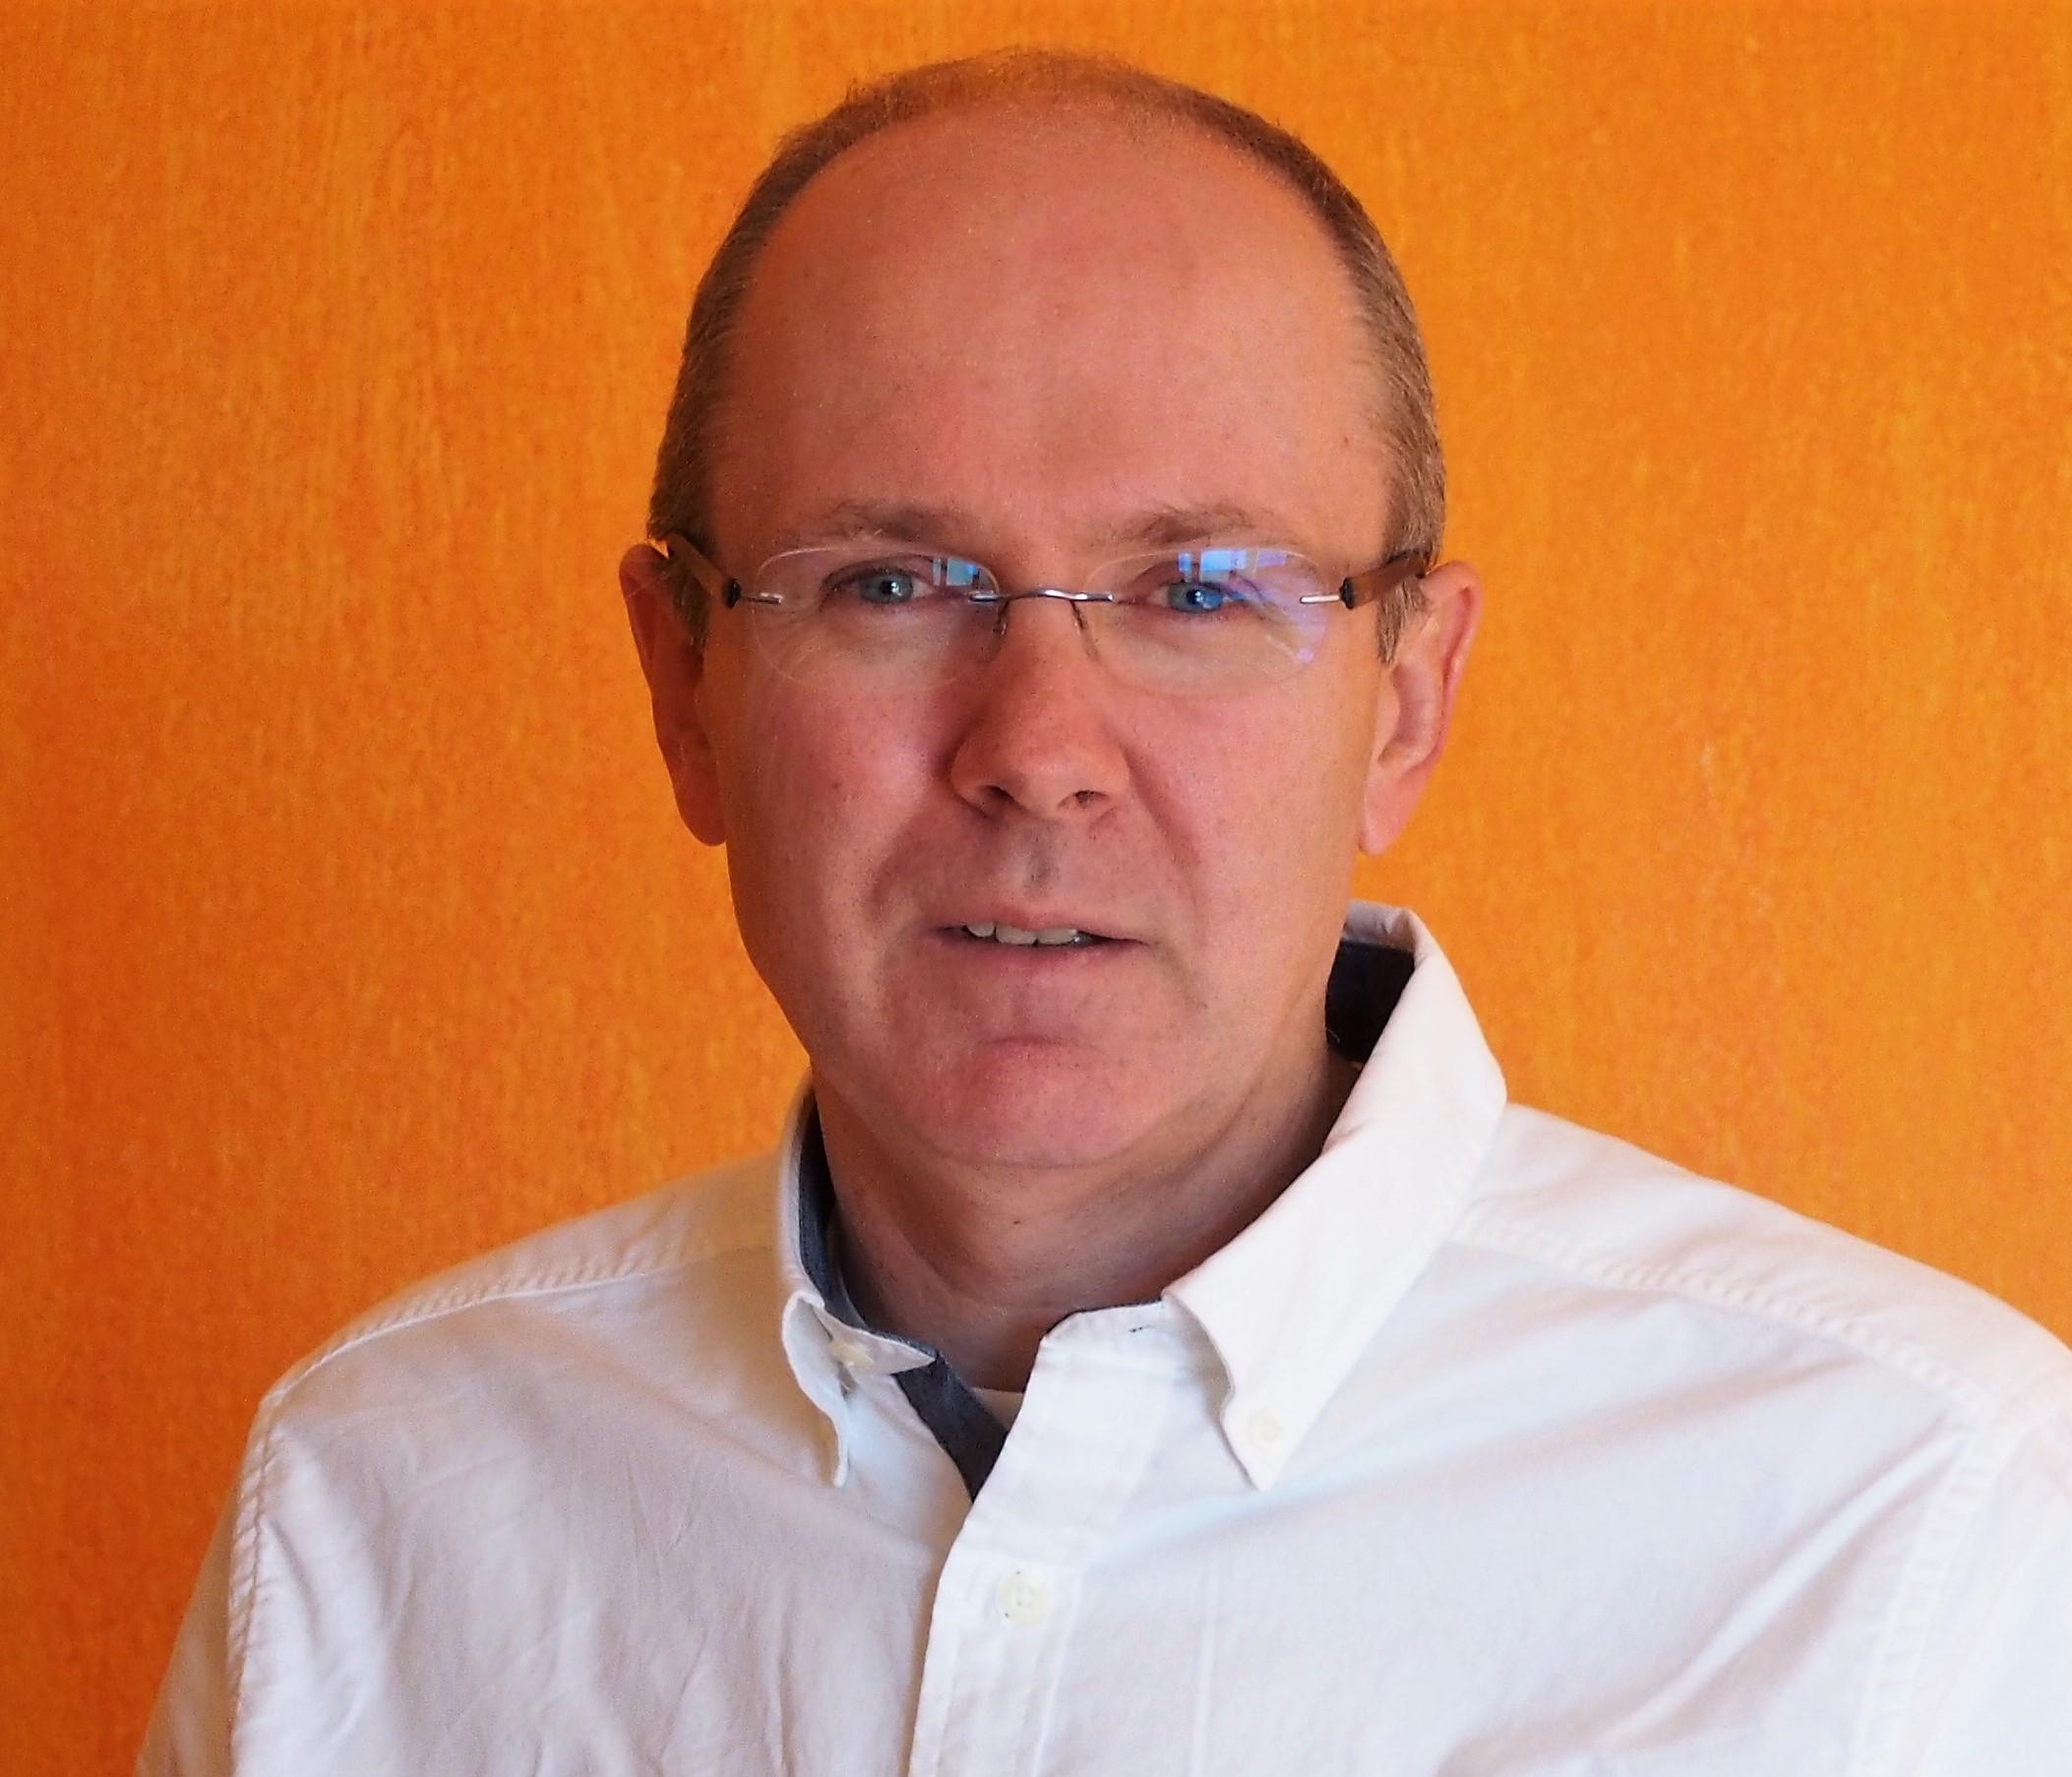 Dr. Alexander Chatzigeorgiou